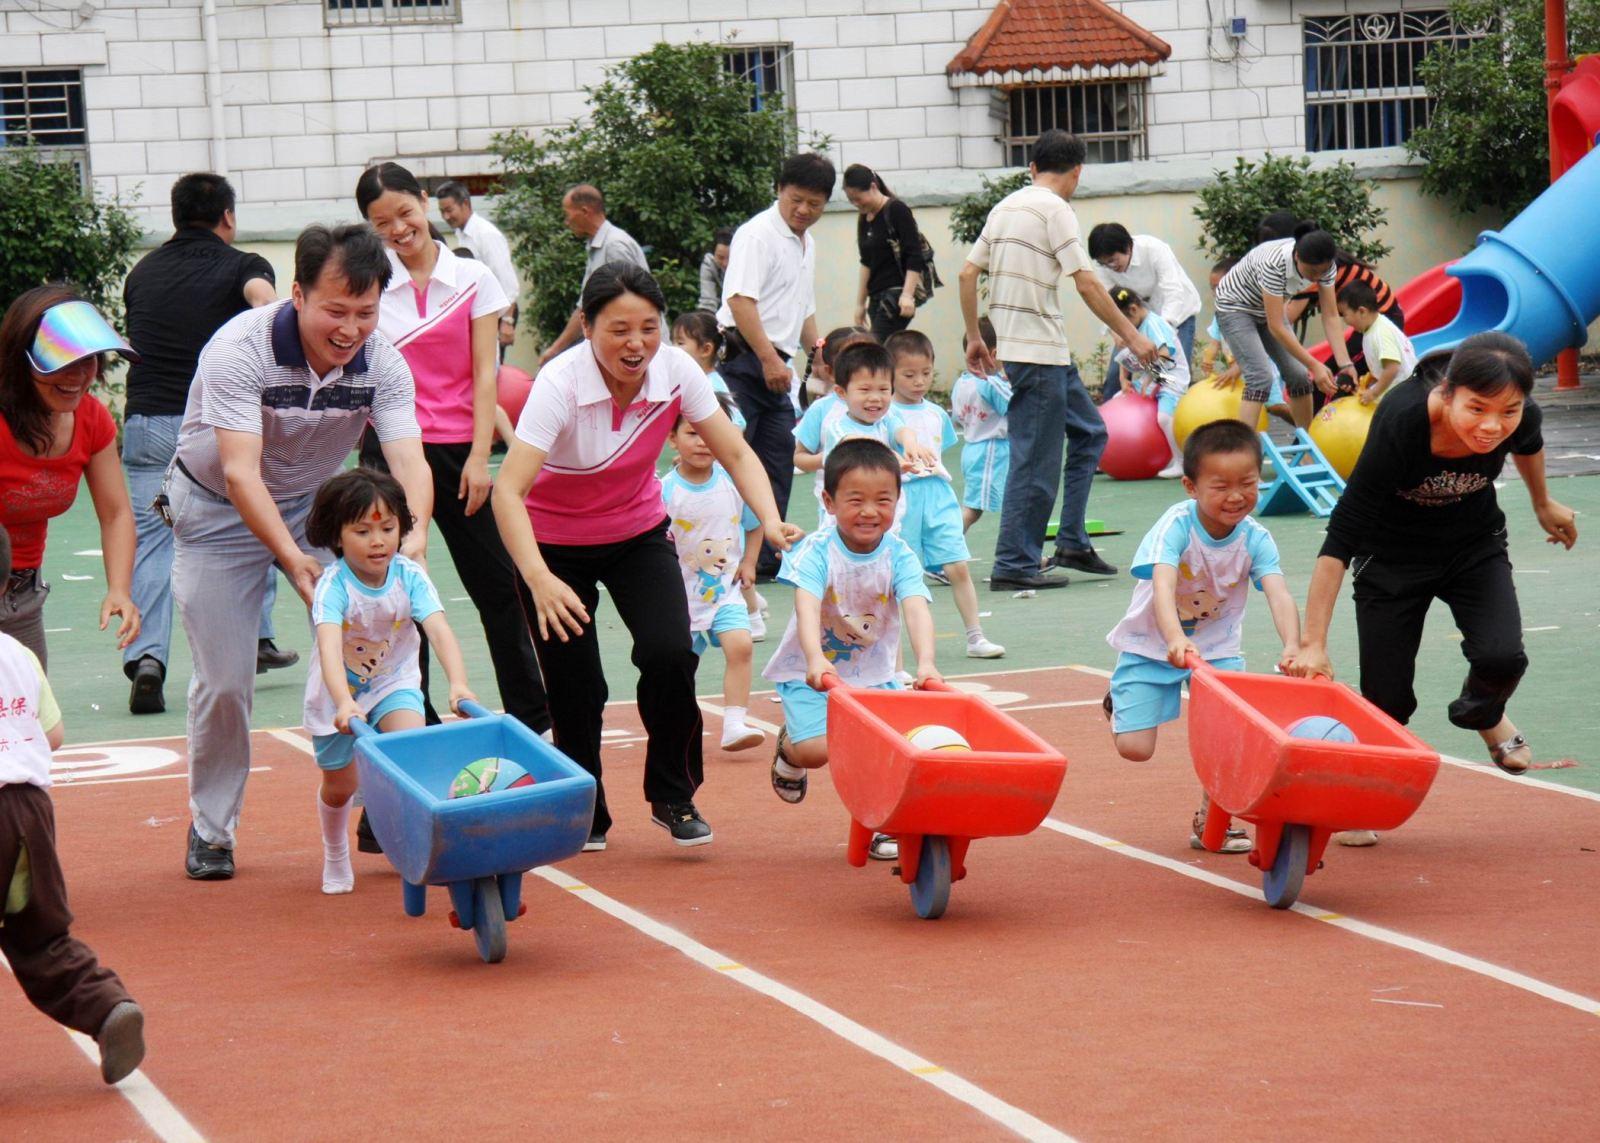 户外活动总结,幼儿园户外活动总结